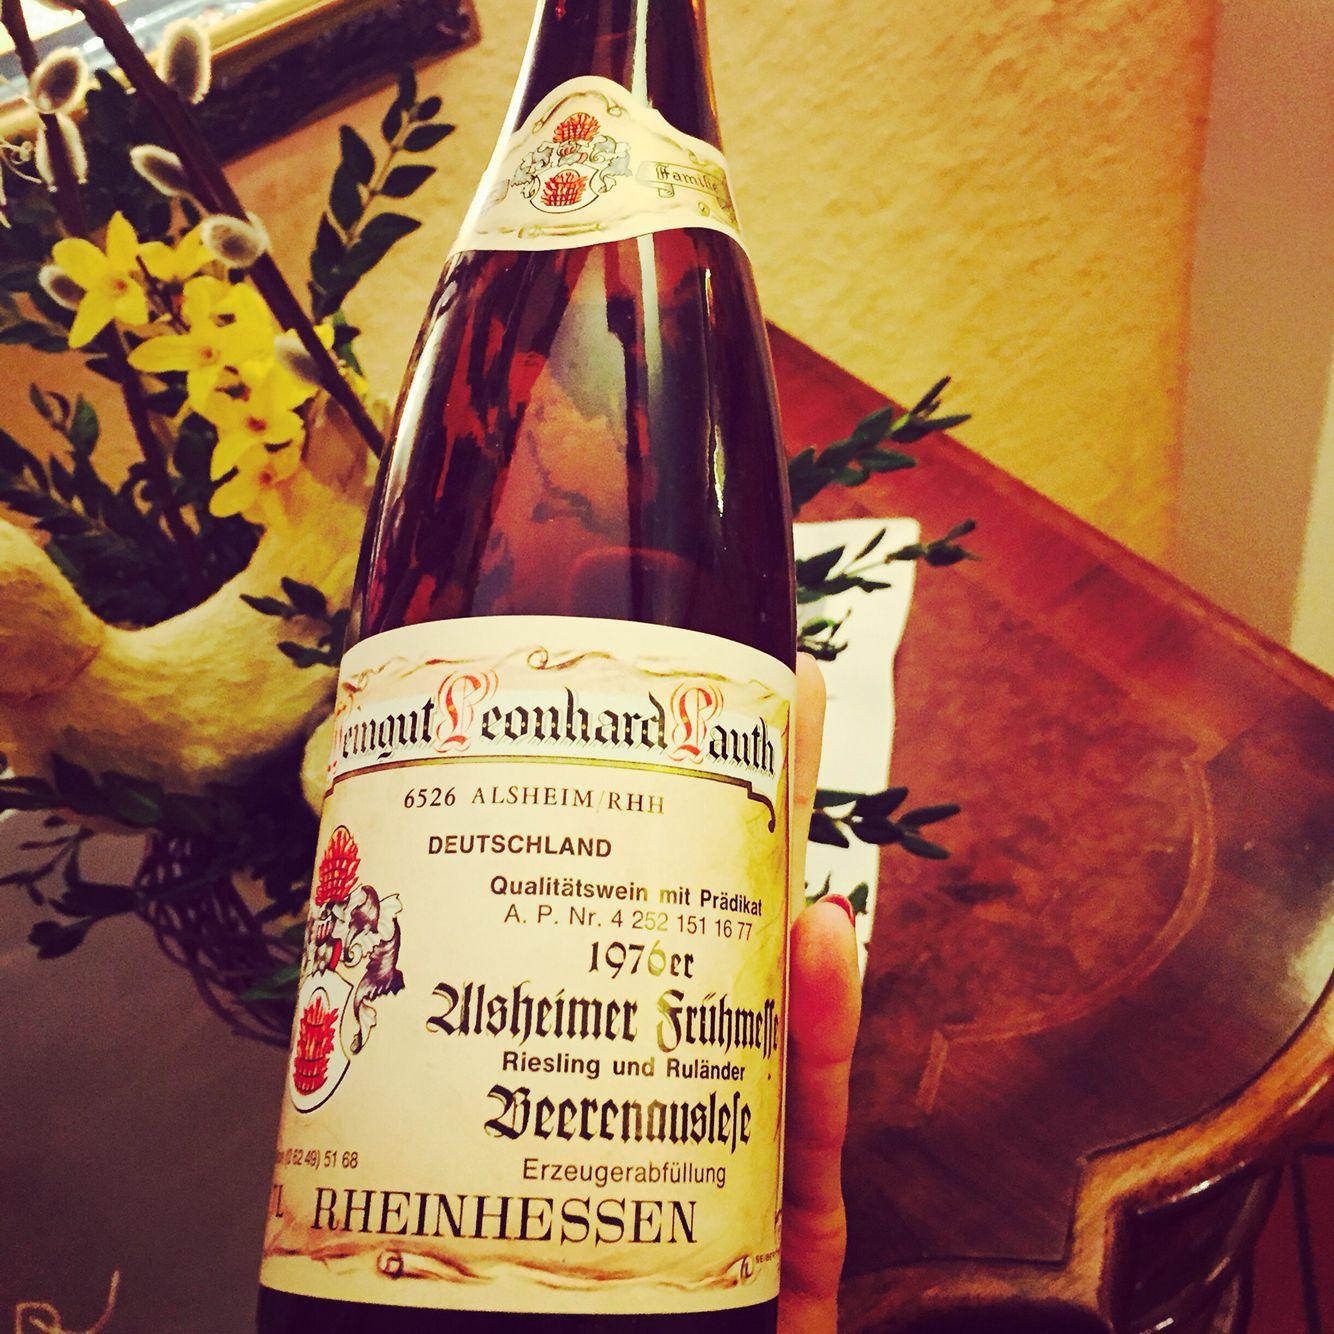 Ich Habe Eine Kellerleiche Ausgegraben Welche Vor Lebendigkeit Strotzte Aromen Nach Pfirsich Getrockneten Fruchten Honig Ein Genu Wine Bottle German Wine Wine